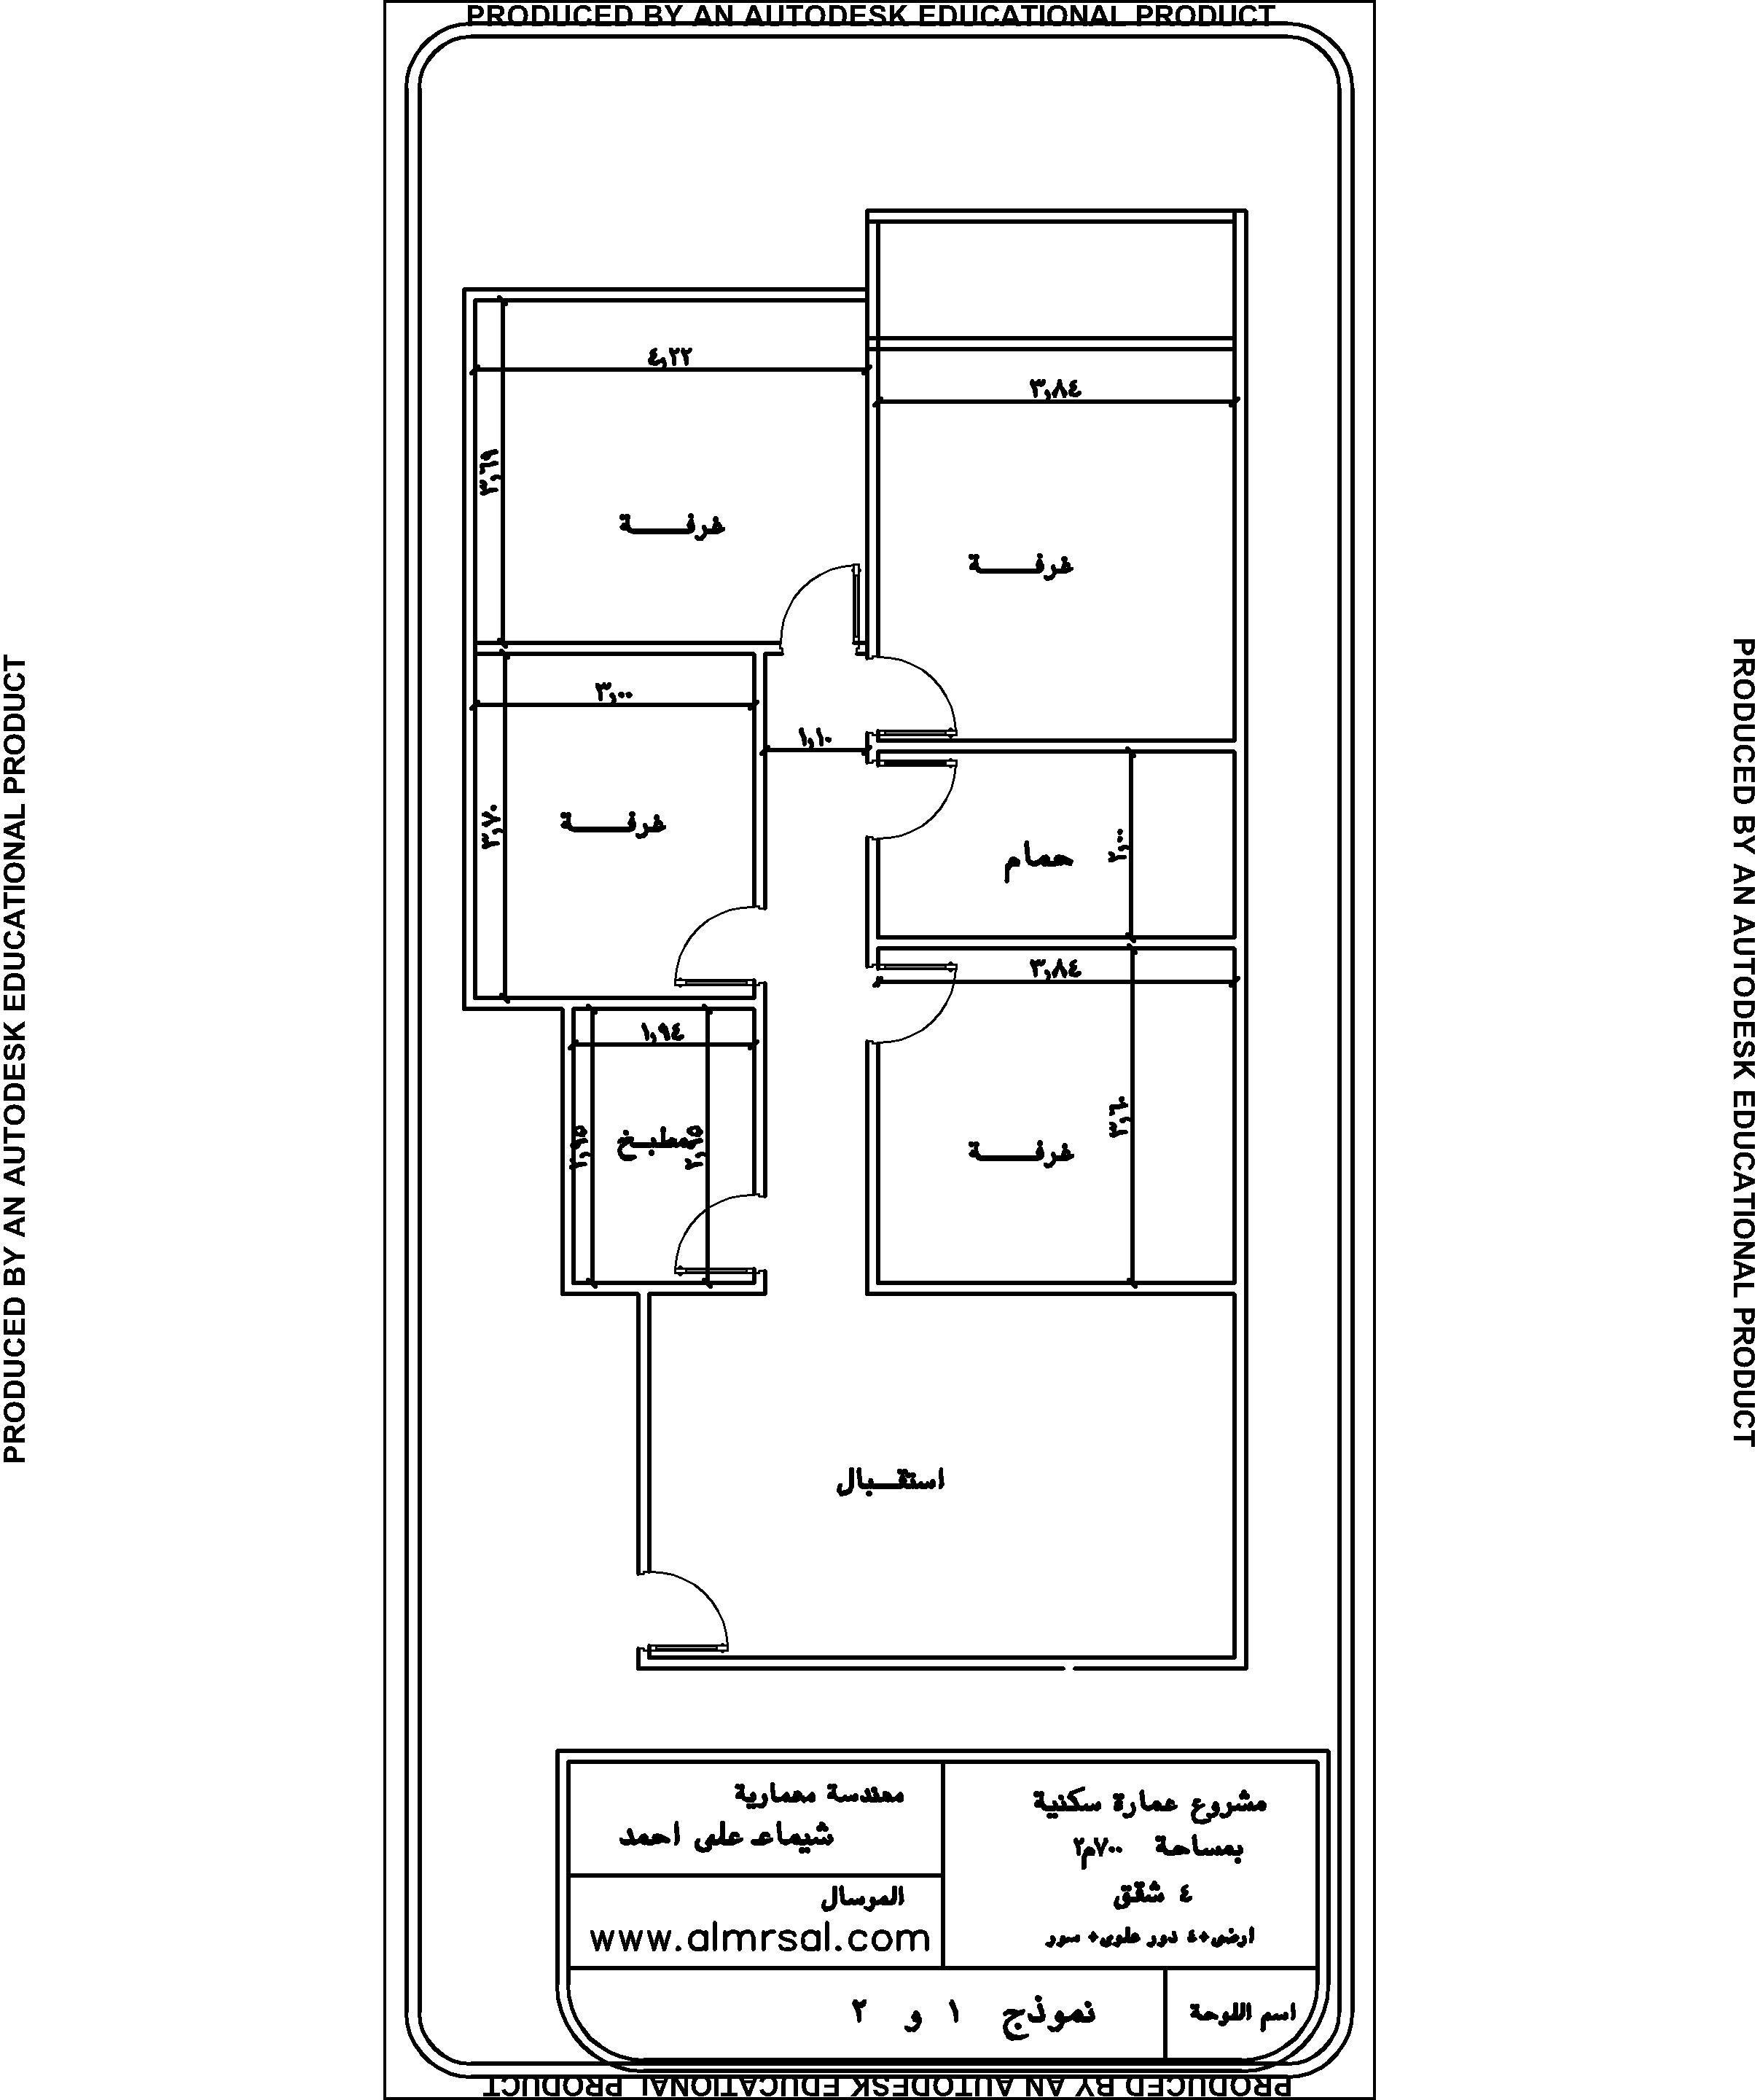 نموذج 3 و 4 لعمارة سكنية 700م2 4 شقق